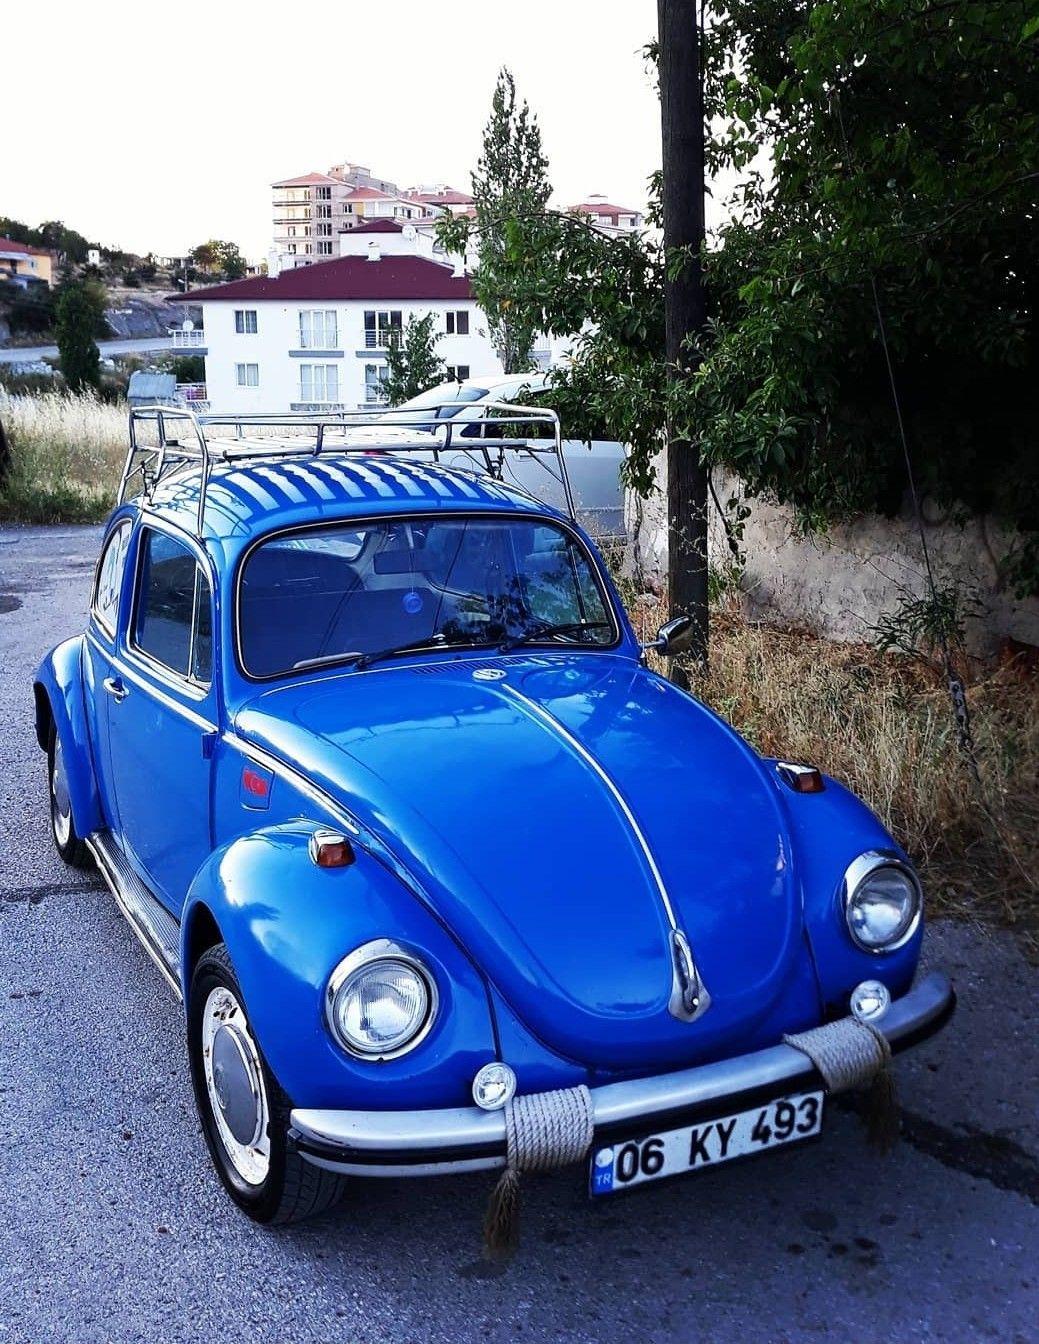 Blue Beetle Cars : beetle, Tomás, Alberto, Vosvoslowe, Volkswagen, Beetle,, Volkswagen,